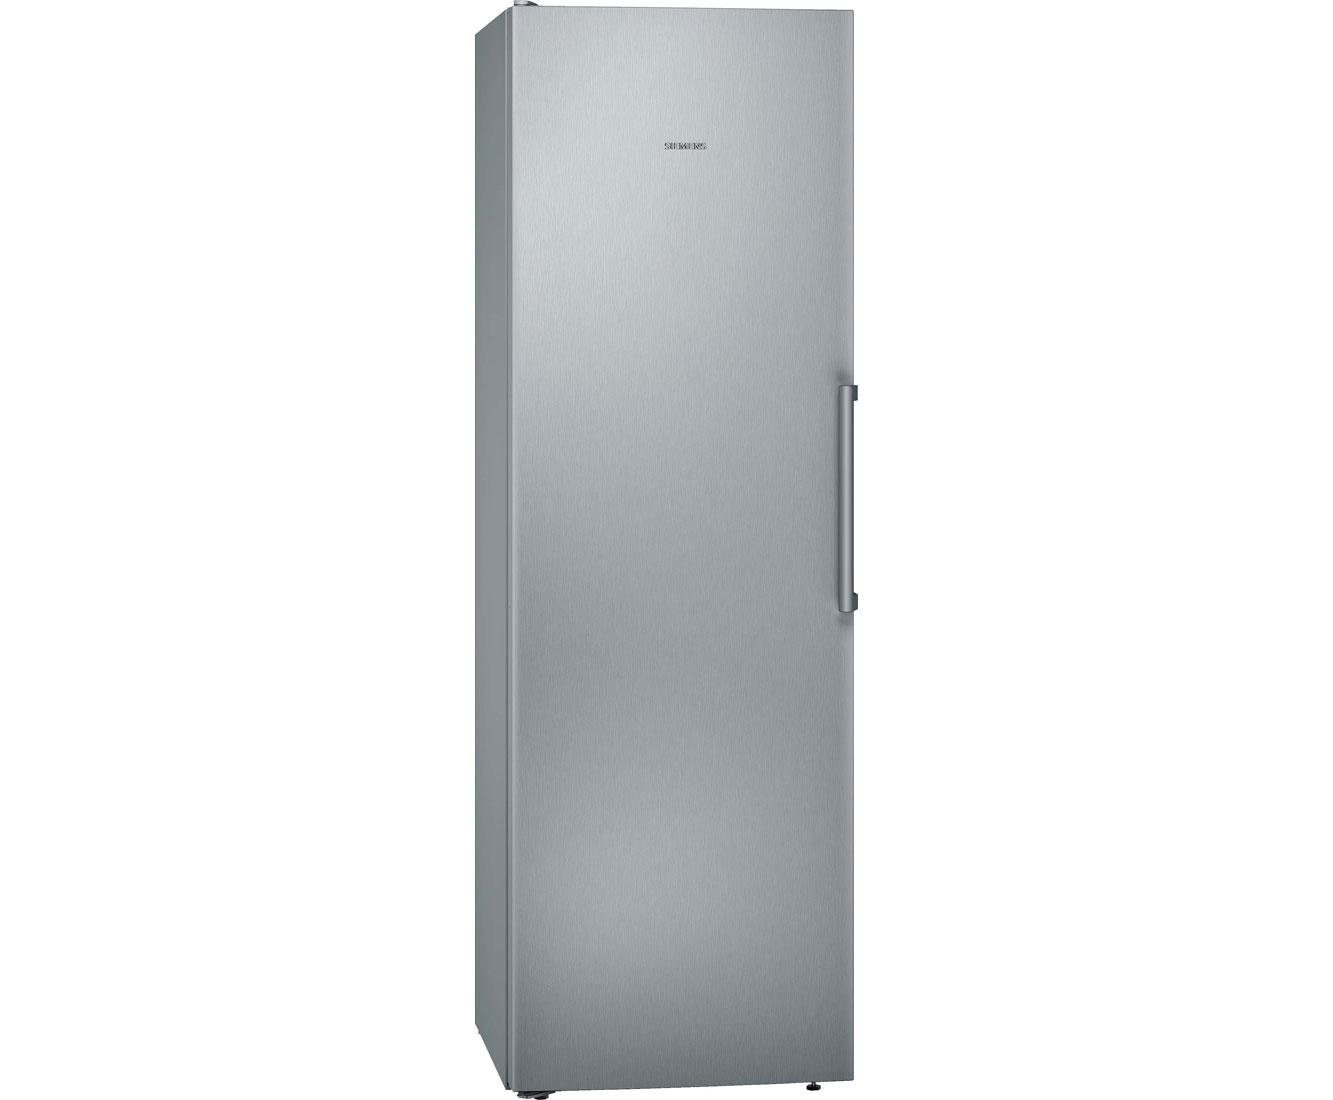 Siemens Kühlschrank Iq500 : Siemens gefrier kühlschrank preisvergleich u2022 die besten angebote